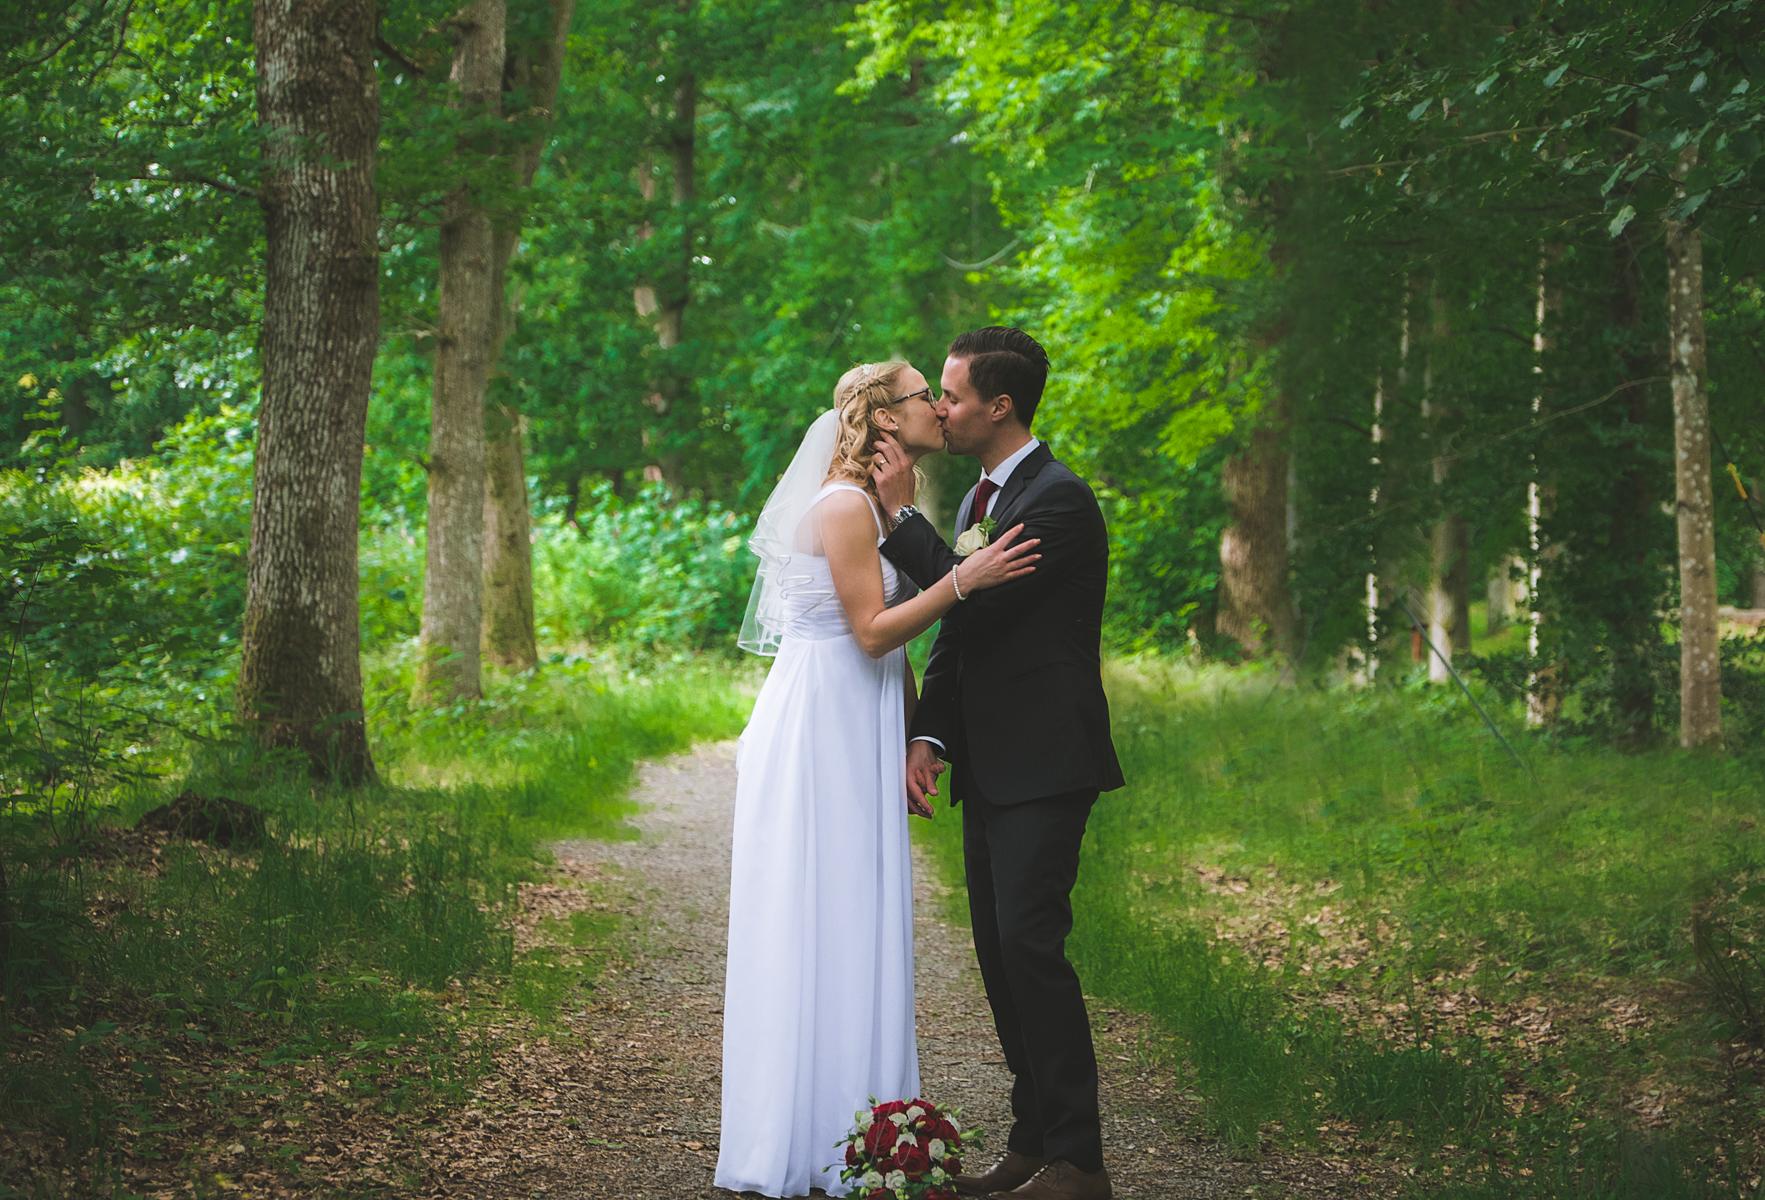 bröllopsfoto_maxnorin-75.jpg